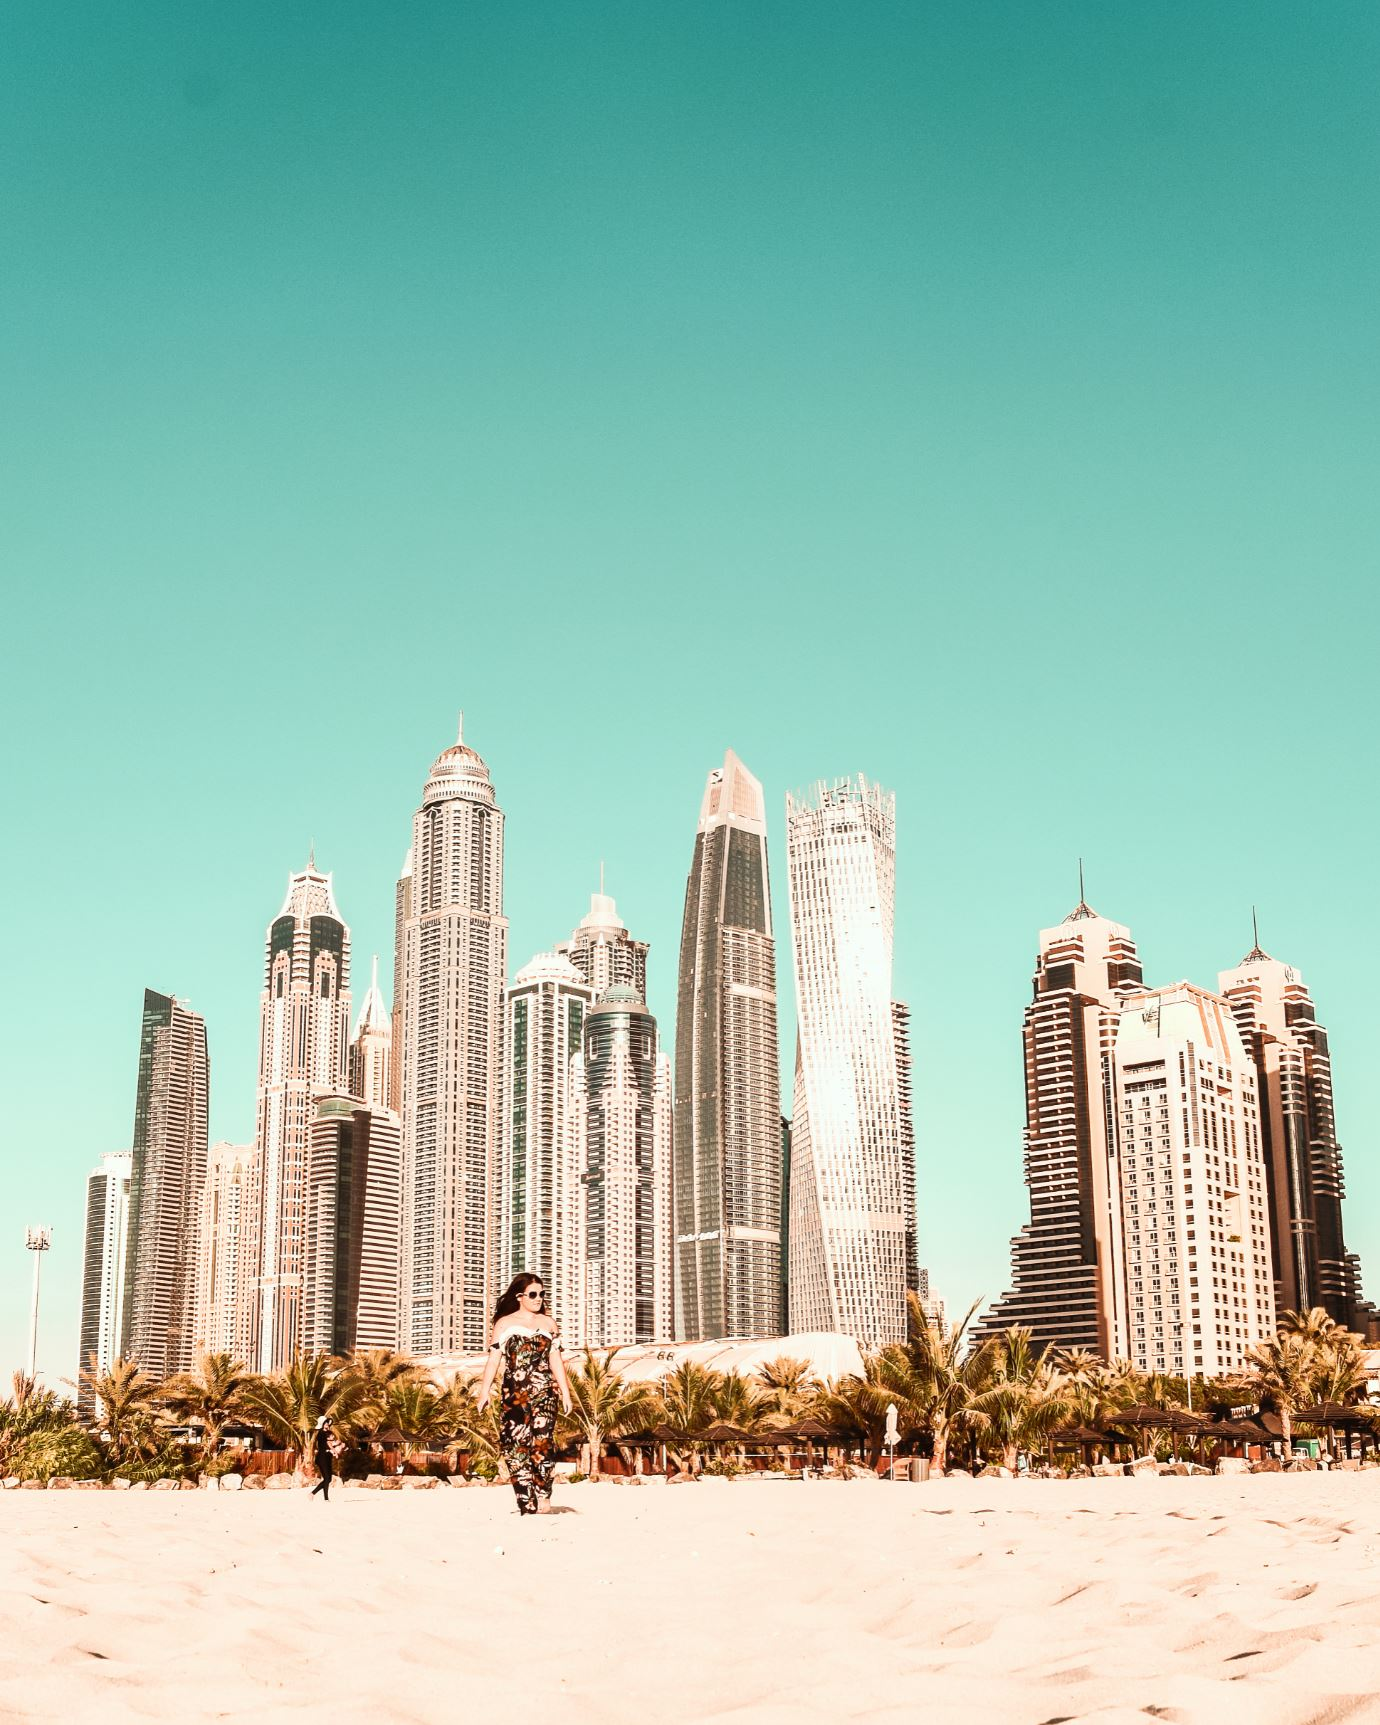 JBR beach Dubai